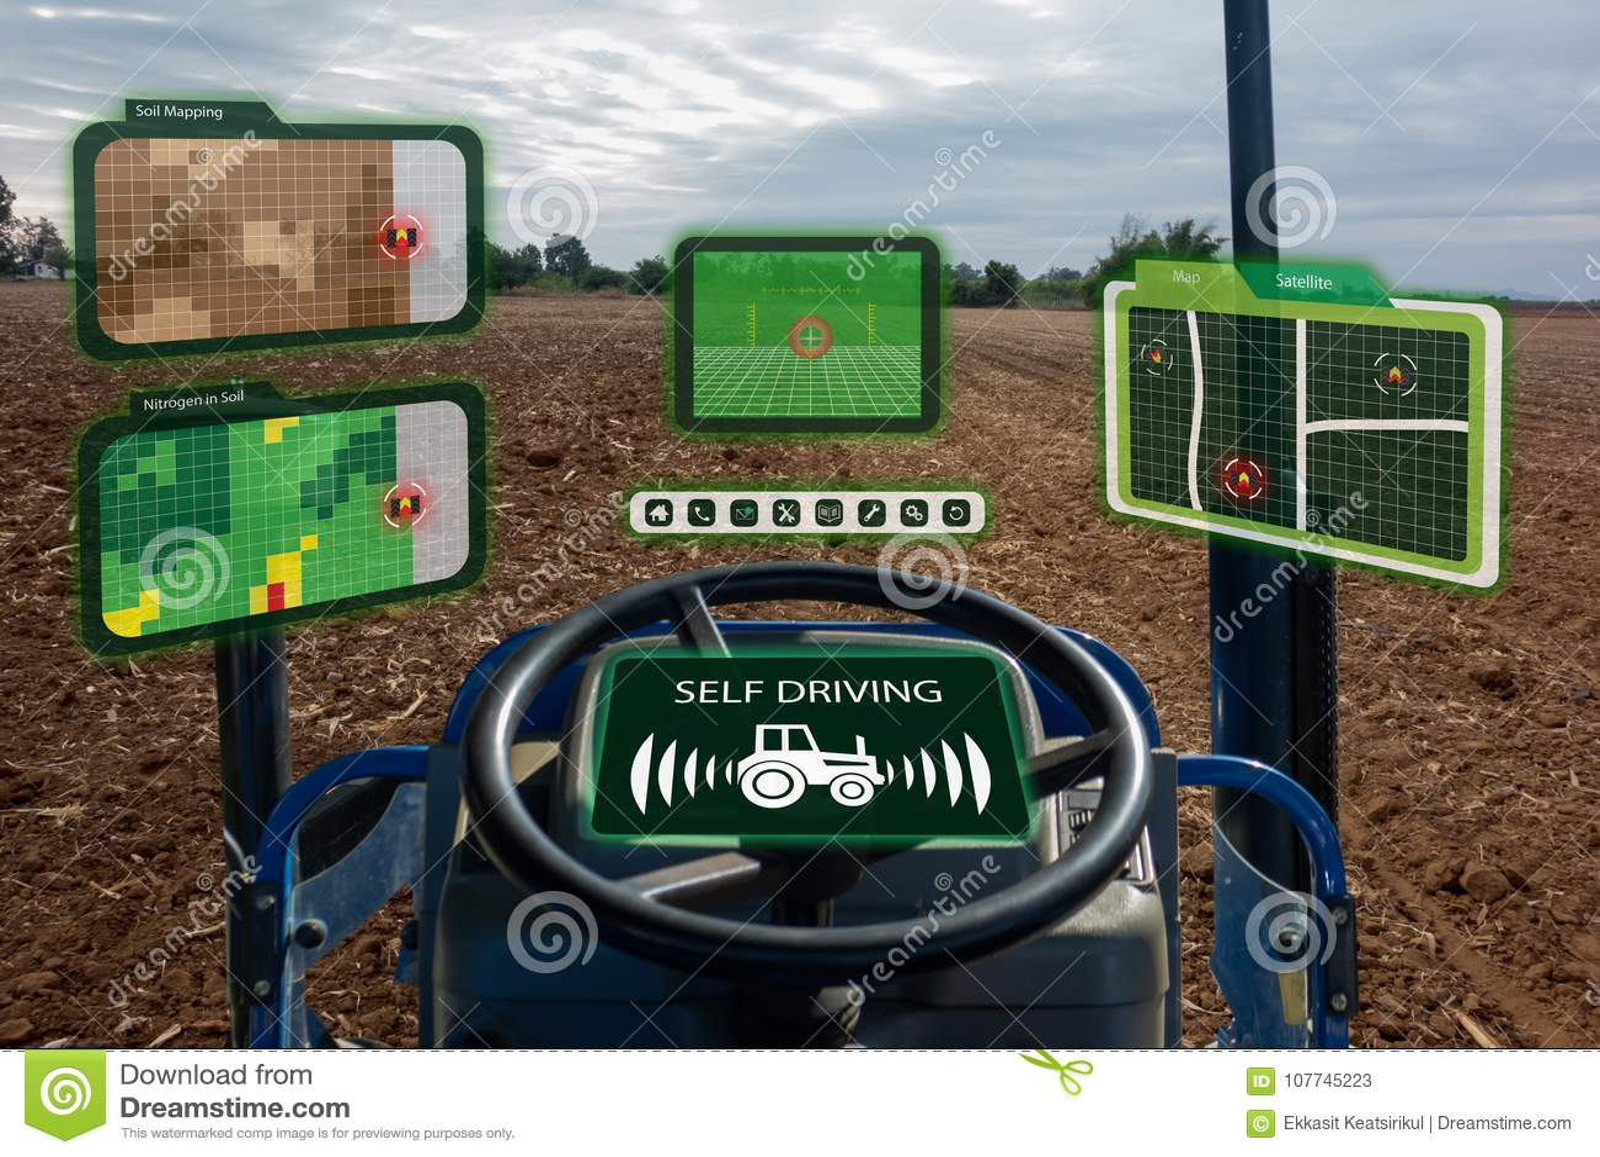 Iot przemysłu mądrze robot 4 (0) rolnictw pojęć, przemysłowy agronom, rolnik używa autonomicznego ciągnika z jaźni napędowym tech